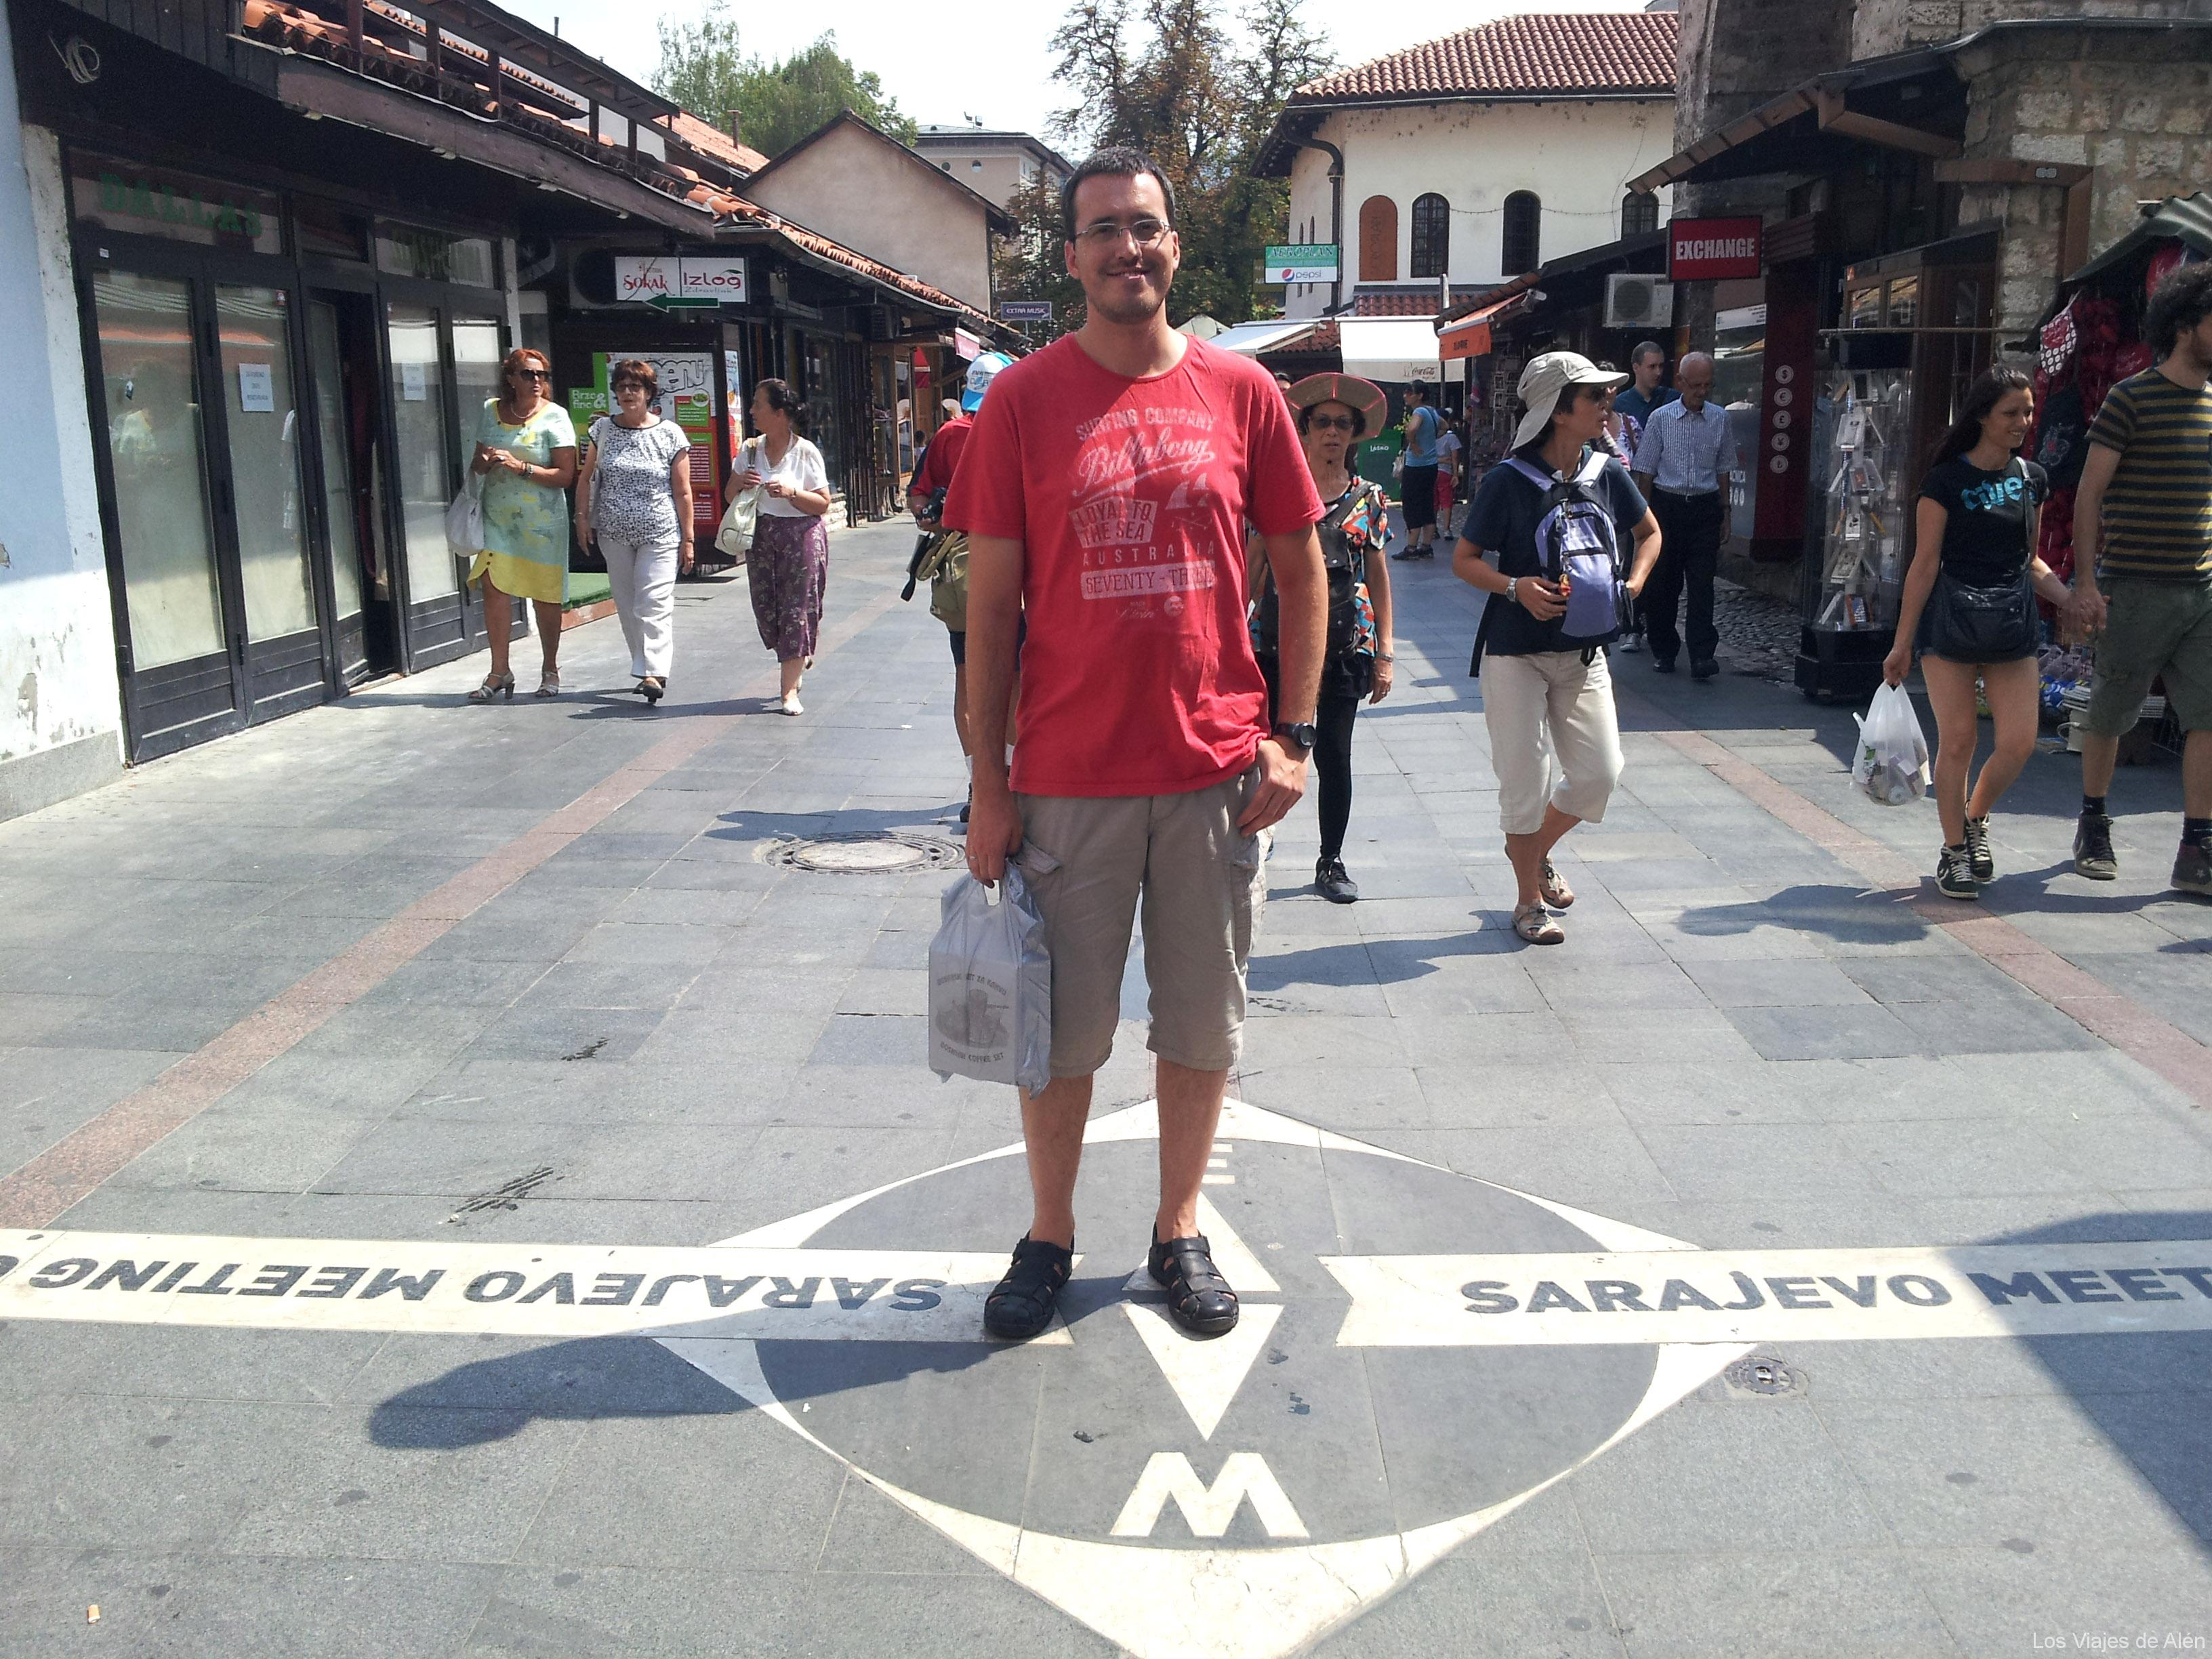 En Esta Otra Imagen, Yo Podría Esta En Una Calle De Estambul. Observad La Marca Del Suelo, Las Dos Fotos Son Del Mismo Lugar,  Pero Diferente Orientación